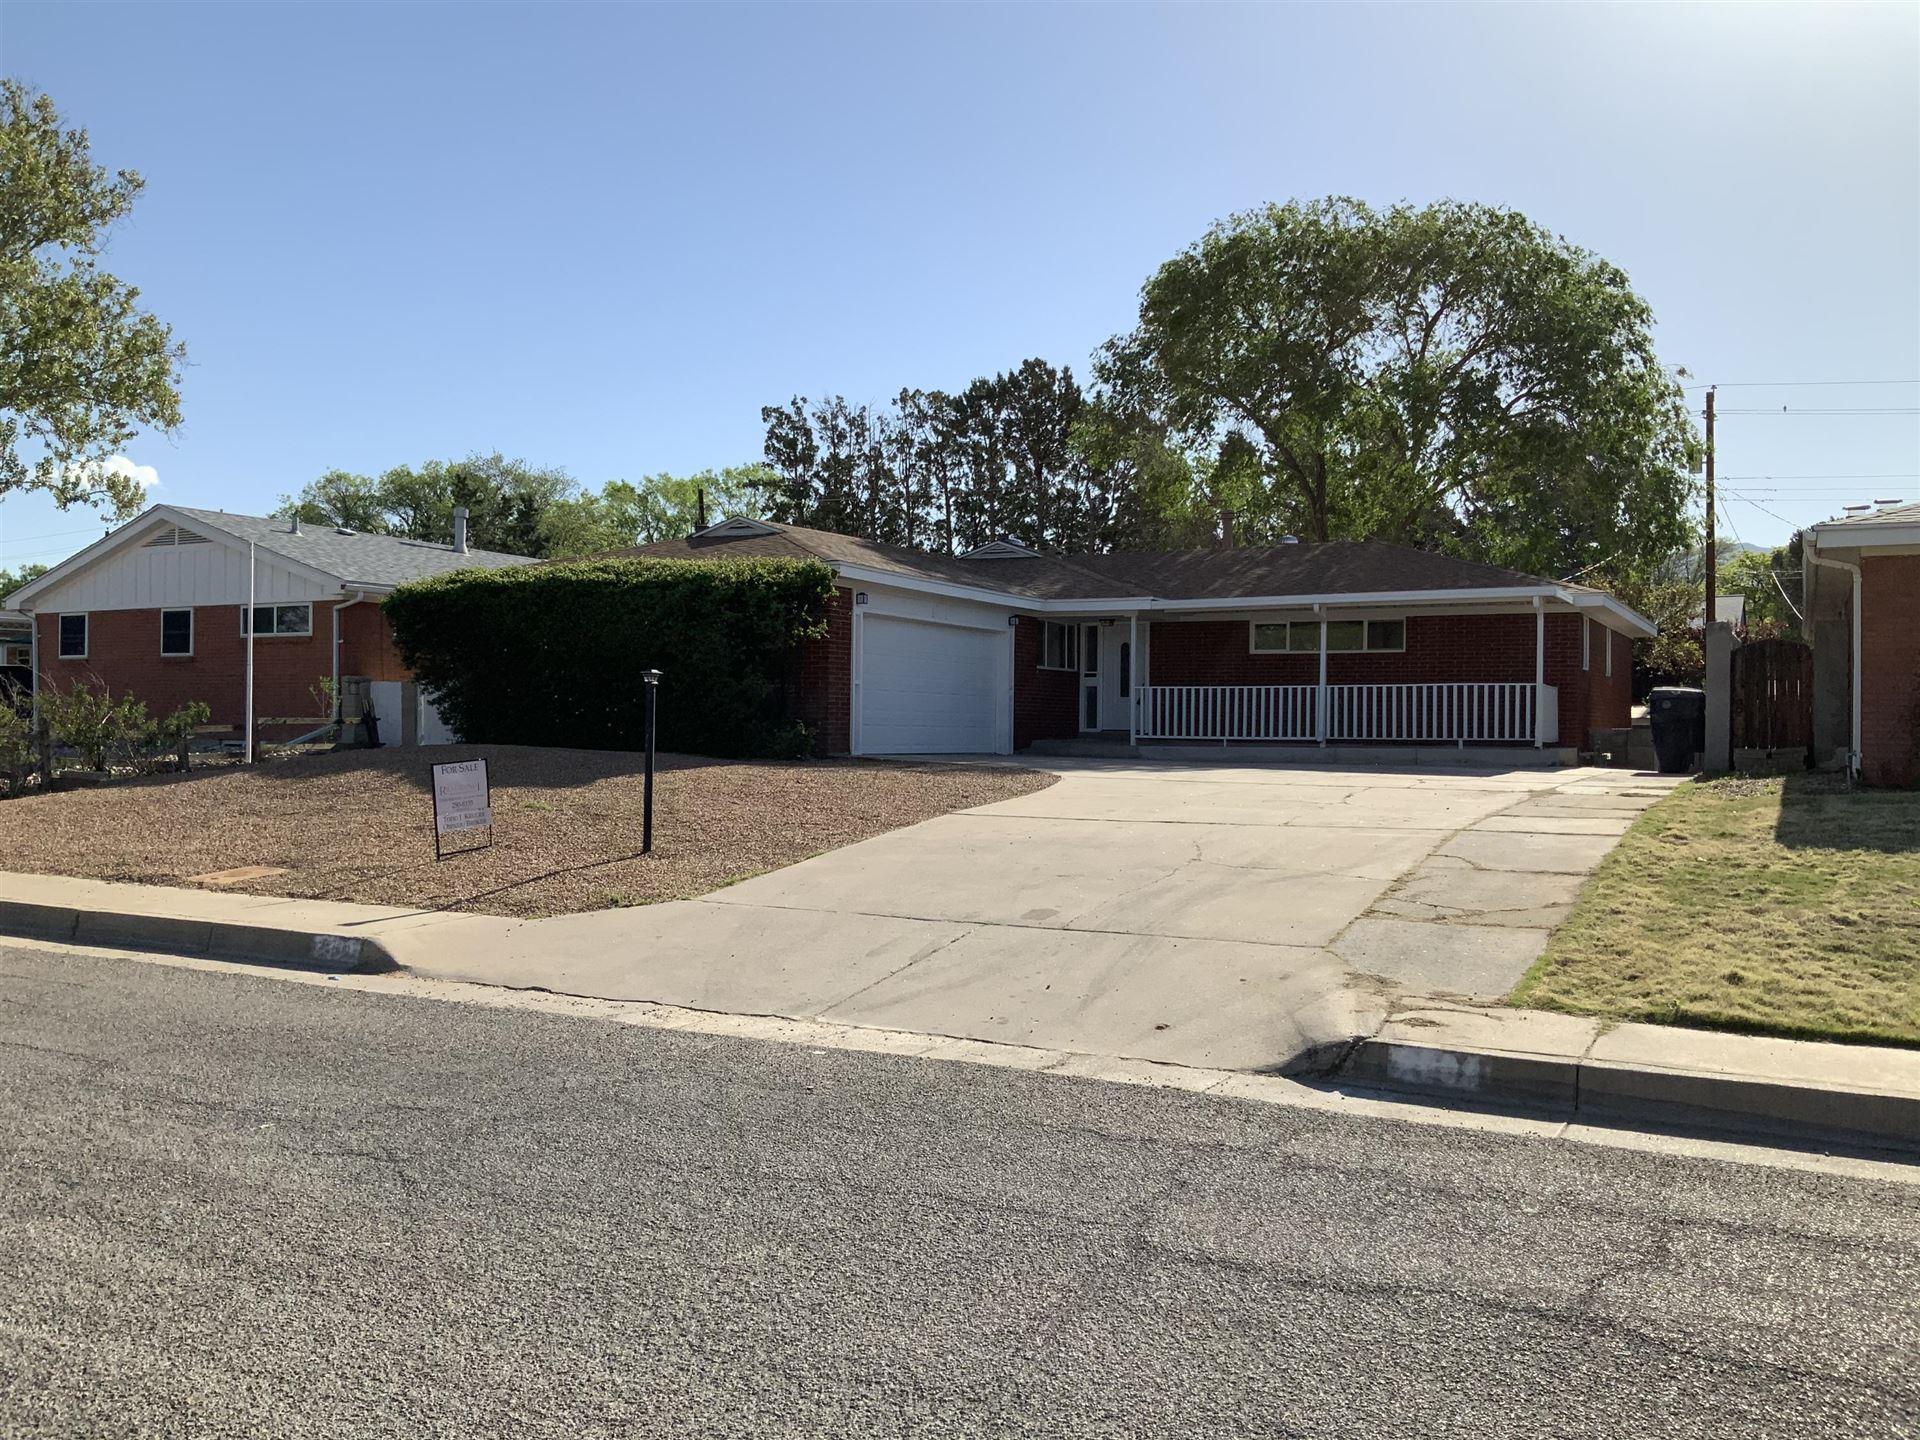 2908 ESPANOLA Street NE, Albuquerque, NM 87110 - #: 990879